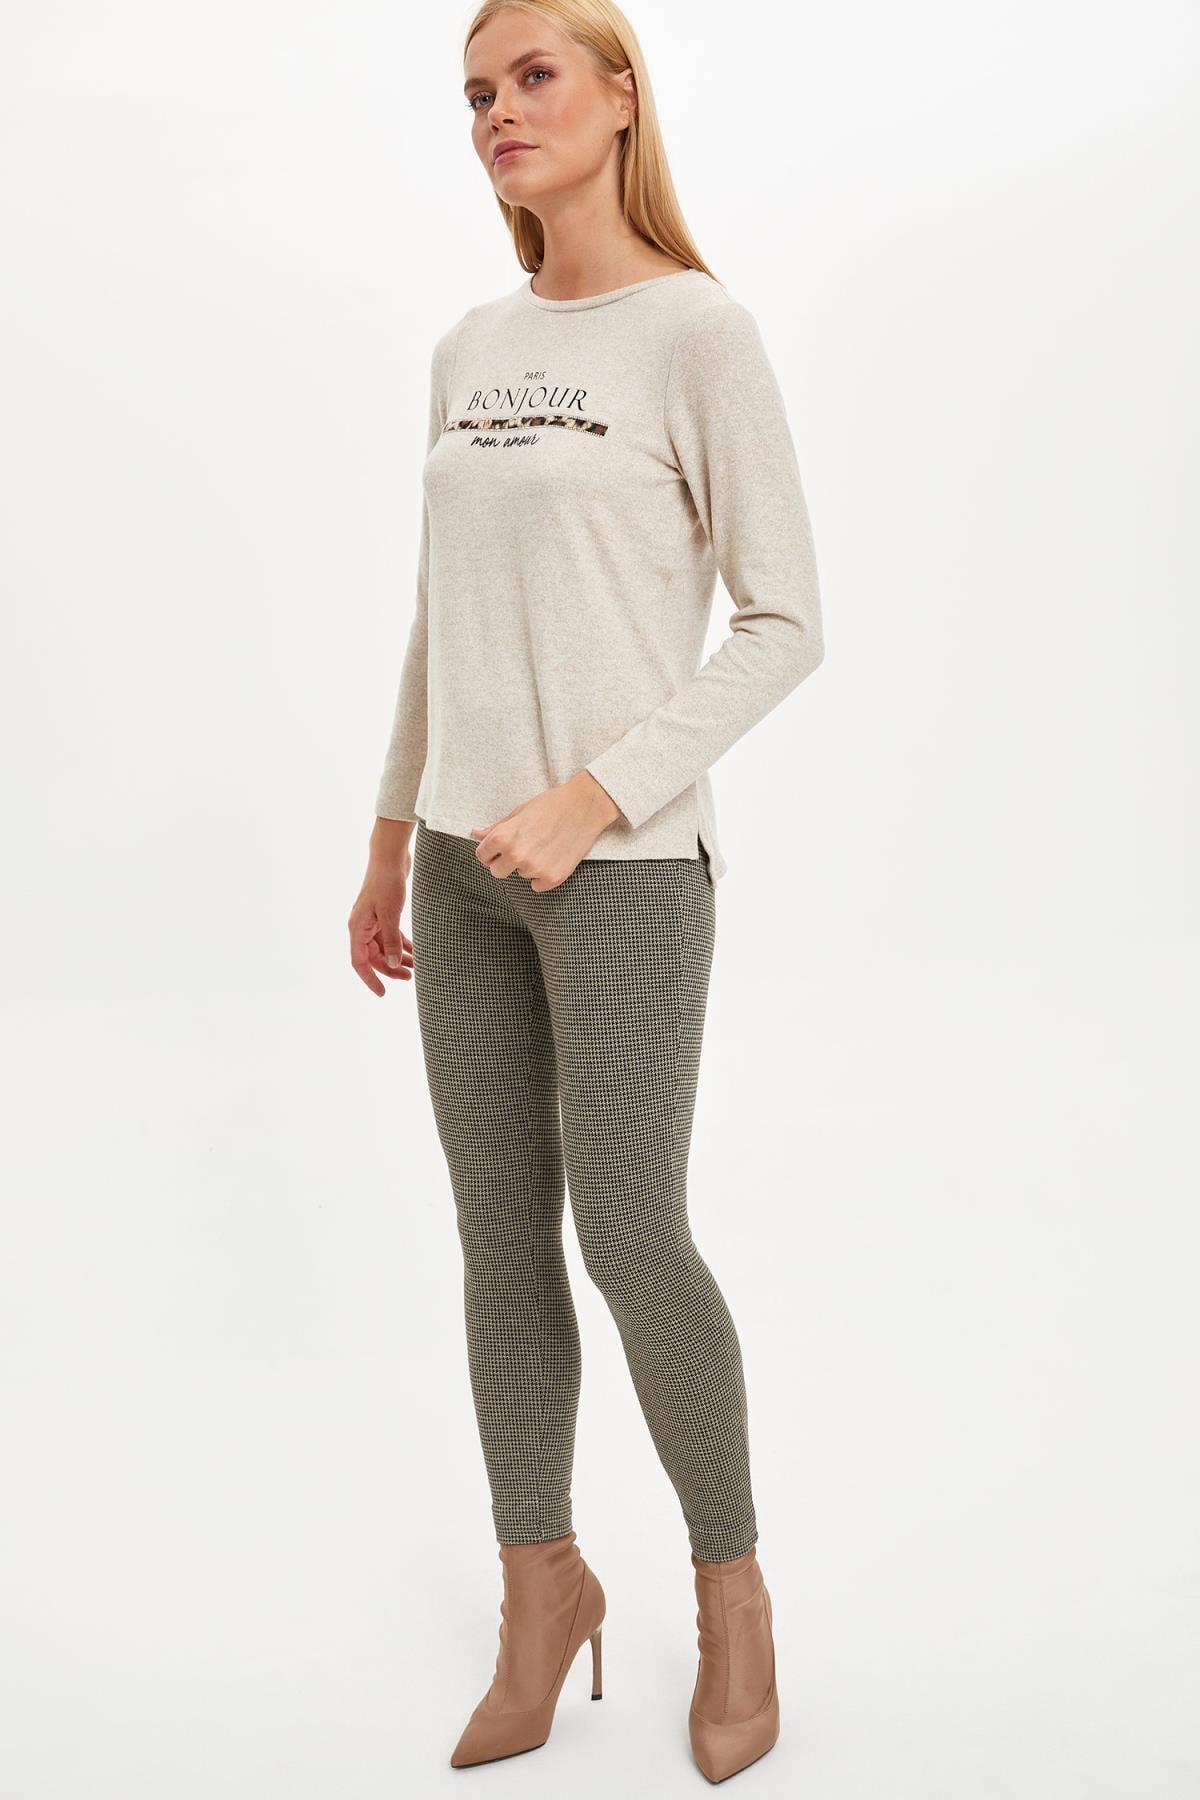 Defacto Kadın Bej Yazı Baskılı Uzun Kollu T-Shirt M3886AZ.19WN.BG336 1